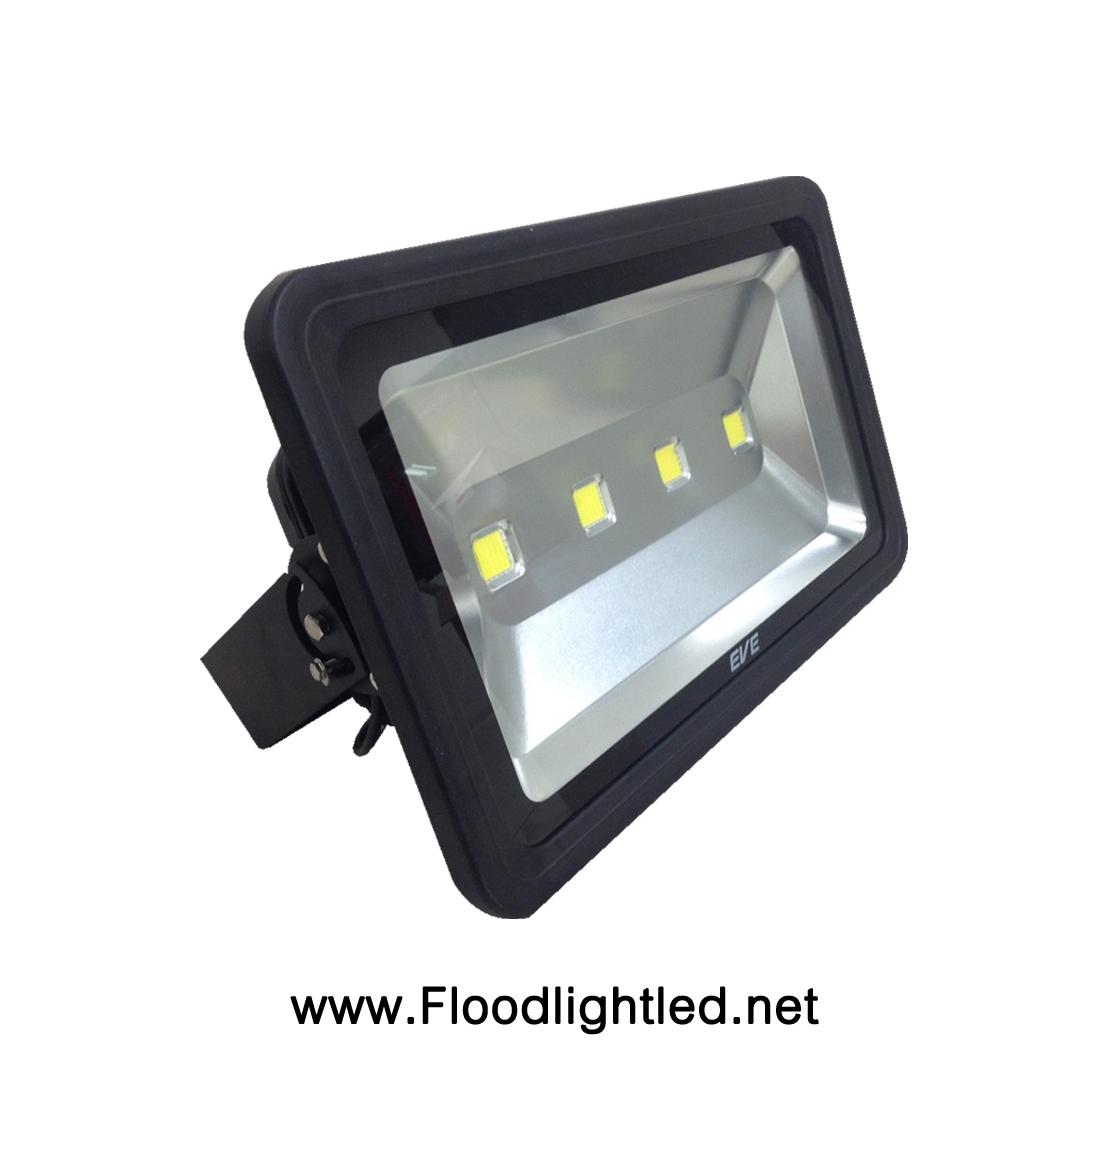 Led Flood Light 200w Eve ���คมไฟฟลัดไลท์แอลอีดี ���นาด 200